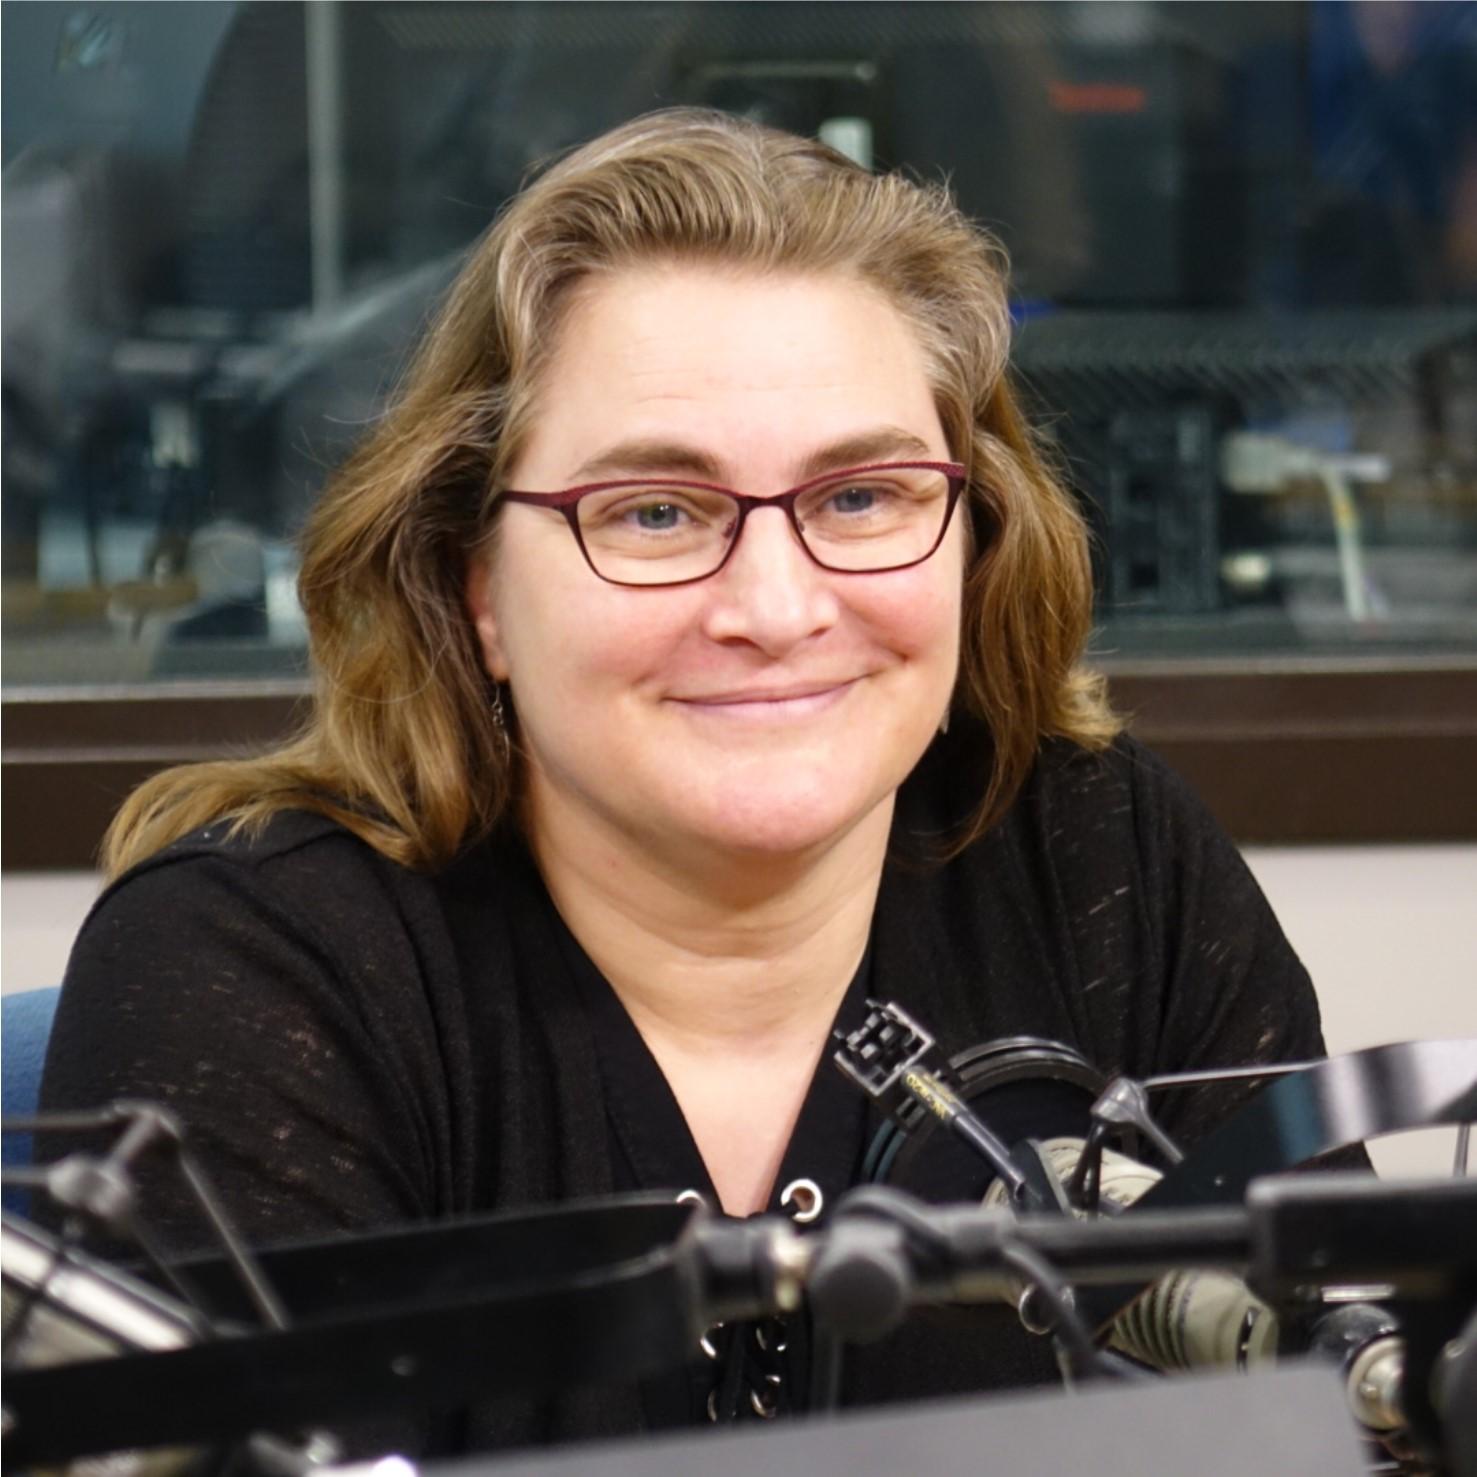 Dominique Bomans